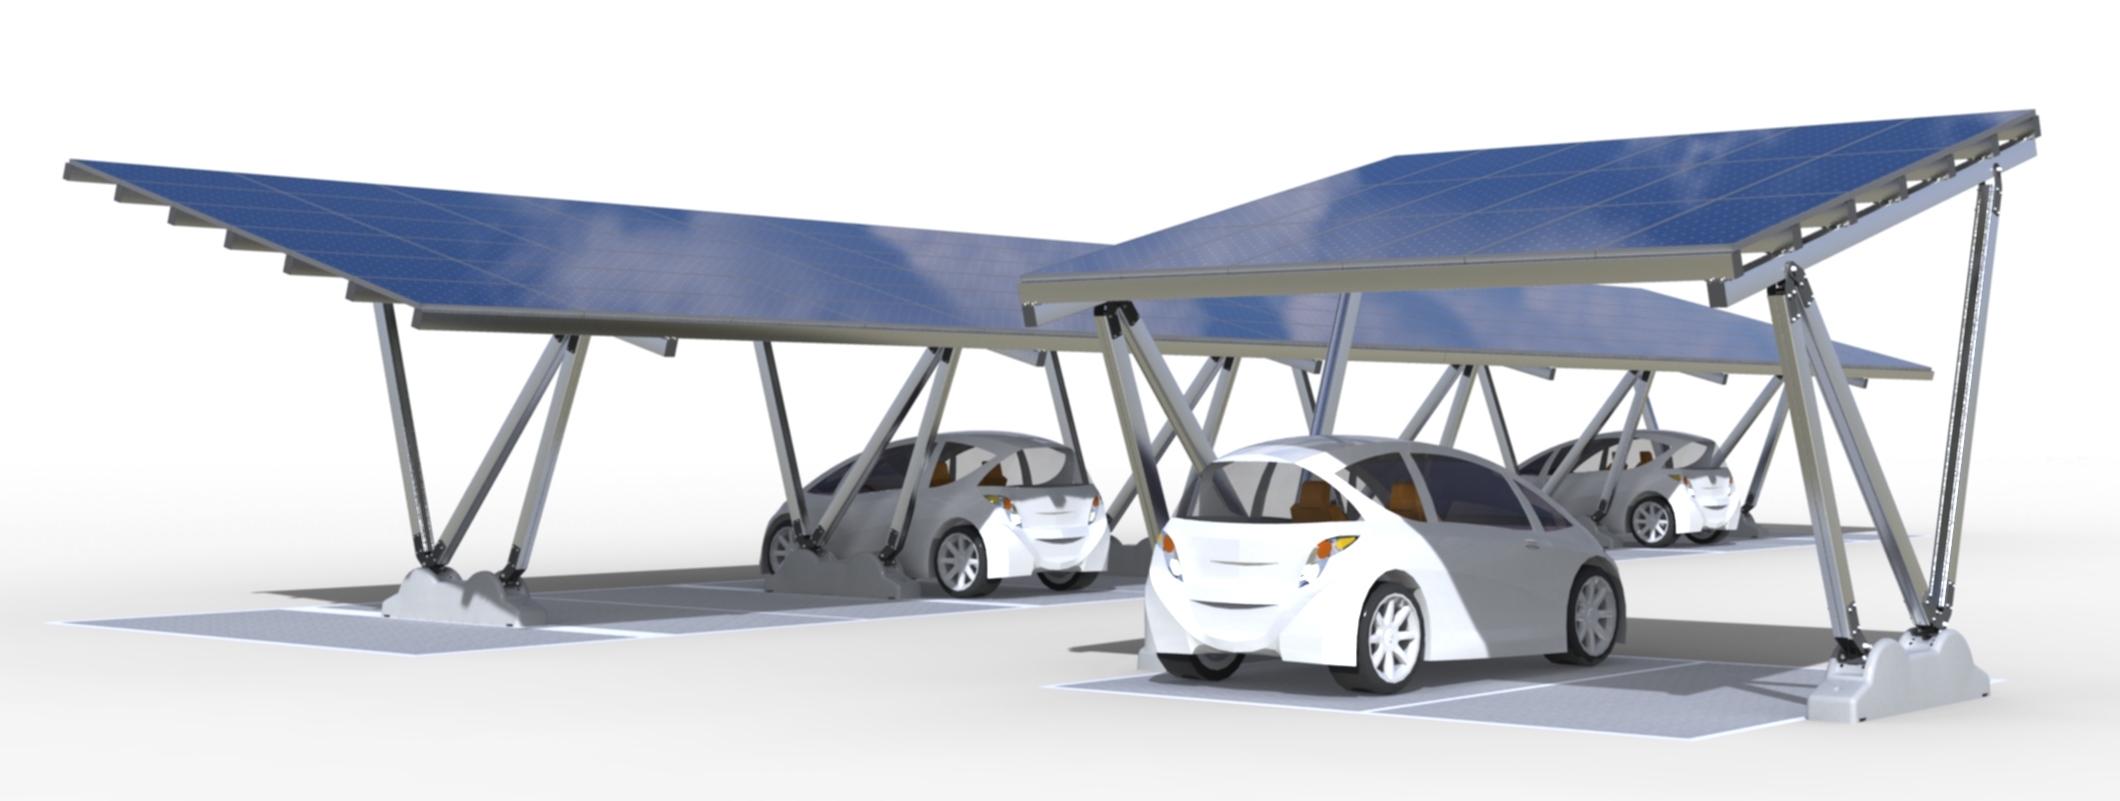 renewz lance sa nouvelle plateforme abris d autos l 39 nergie solaire isun my cms. Black Bedroom Furniture Sets. Home Design Ideas